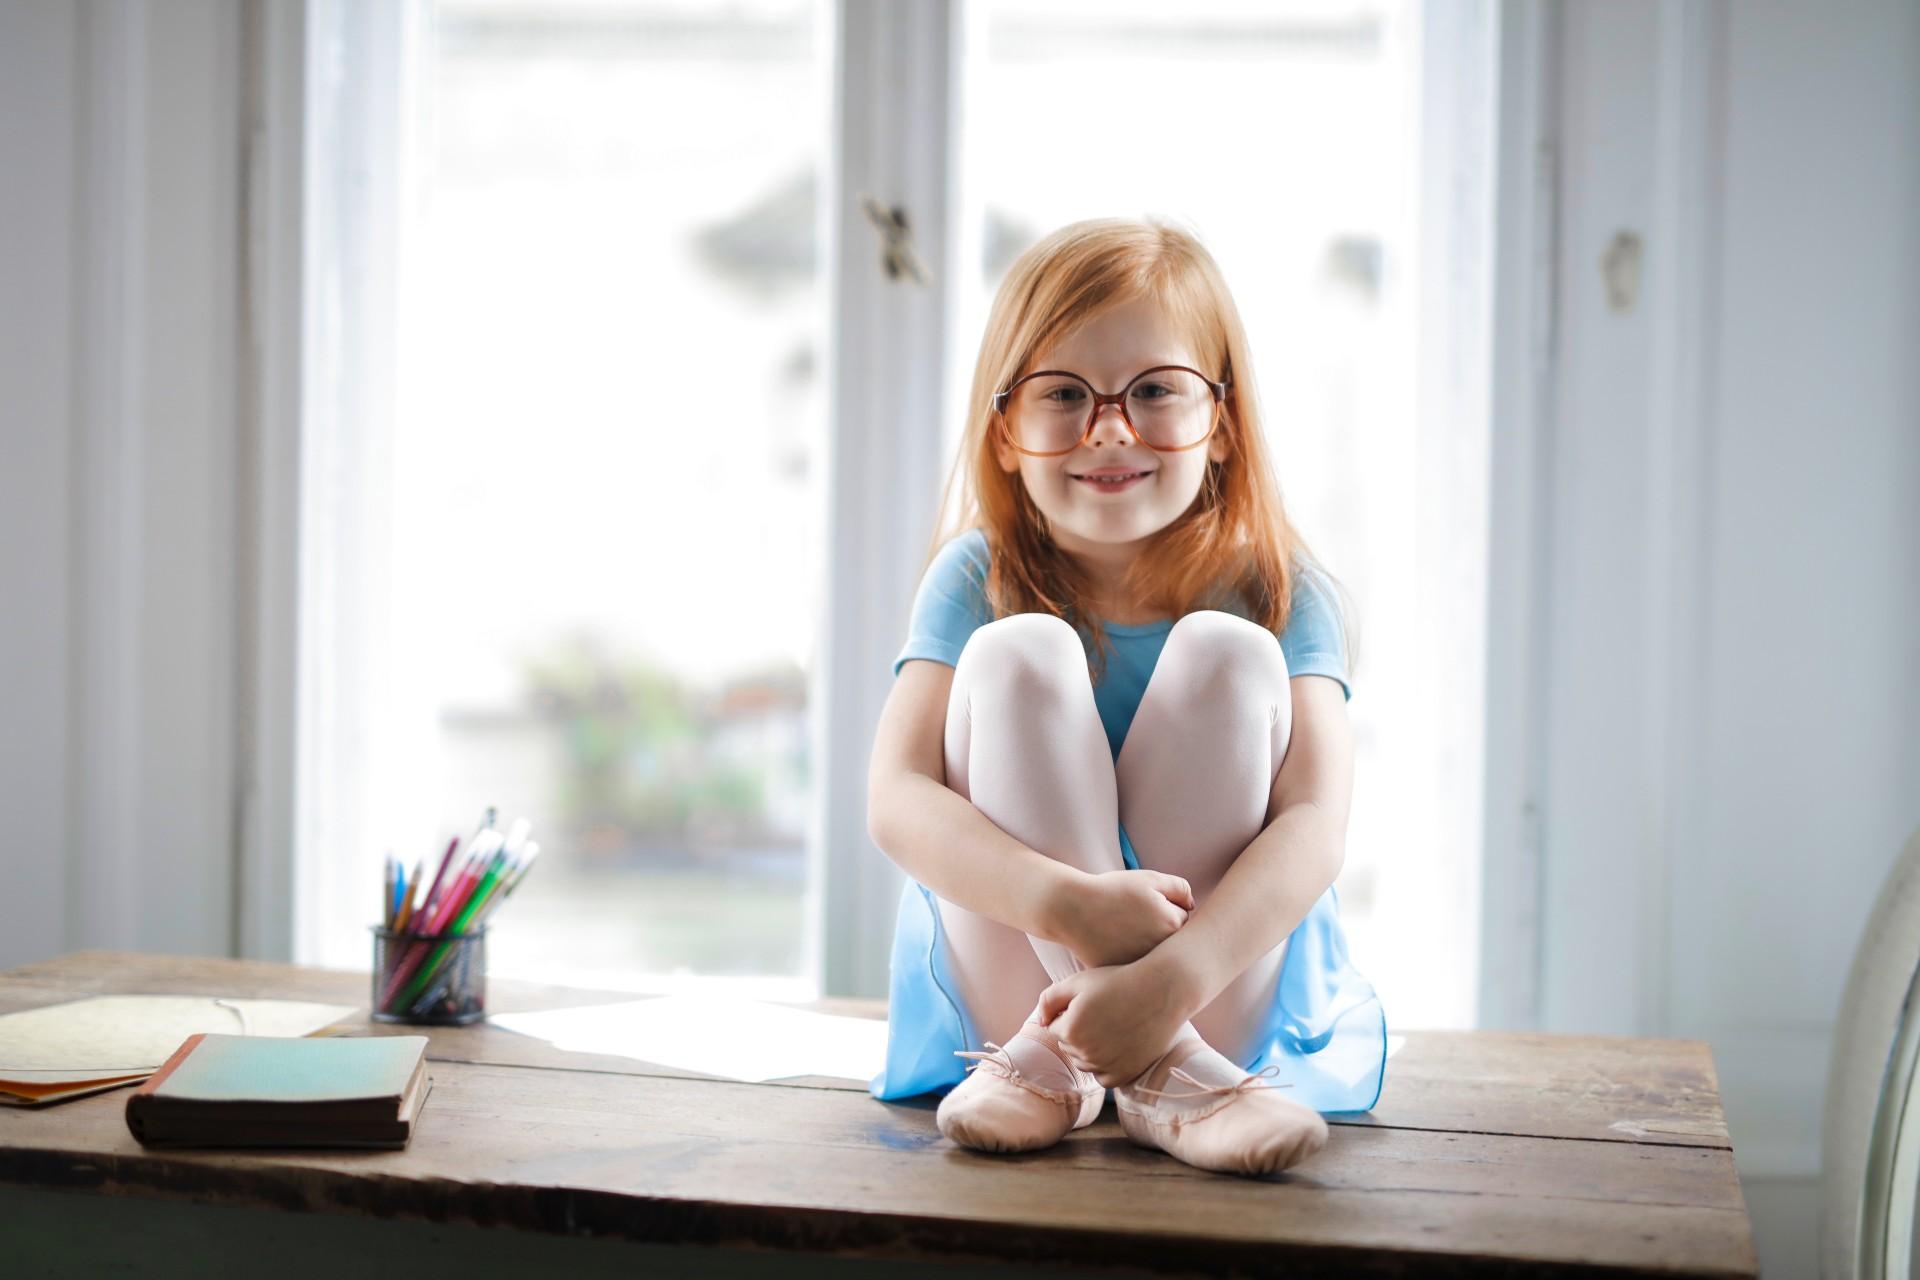 ¿Los niños con gafas son más inteligentes?